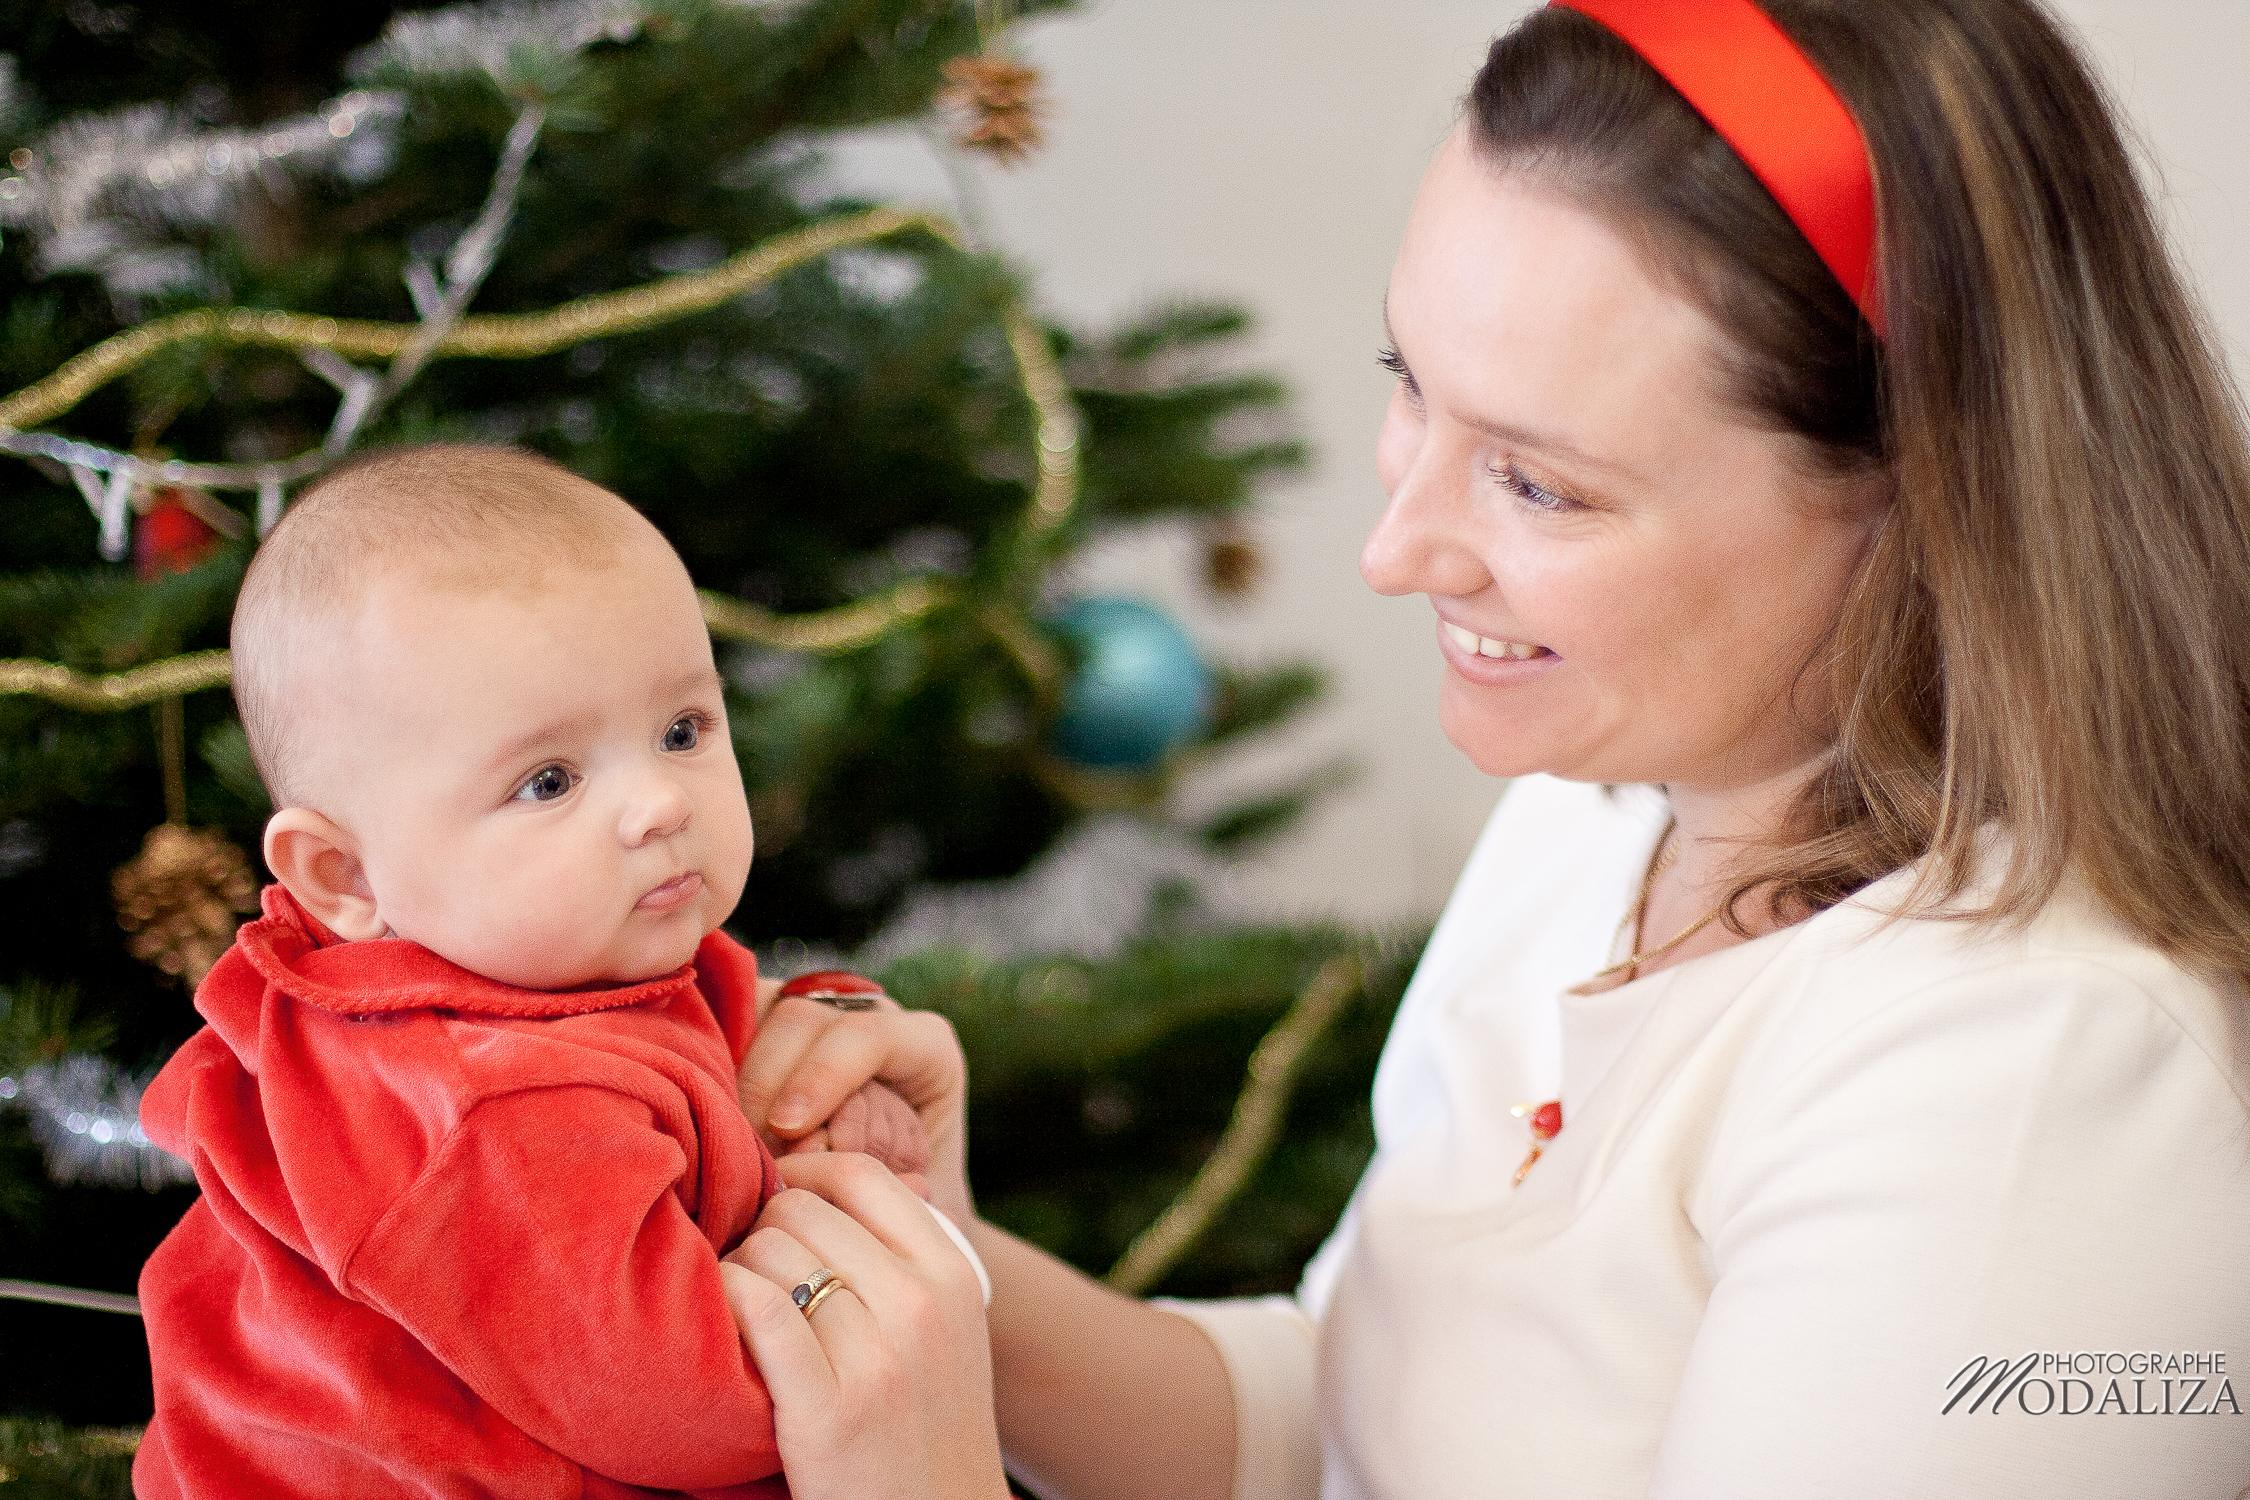 photo famille bébé petite fille robe rouge noel fêtes bordeaux aquitaine by modaliza photographe-0949